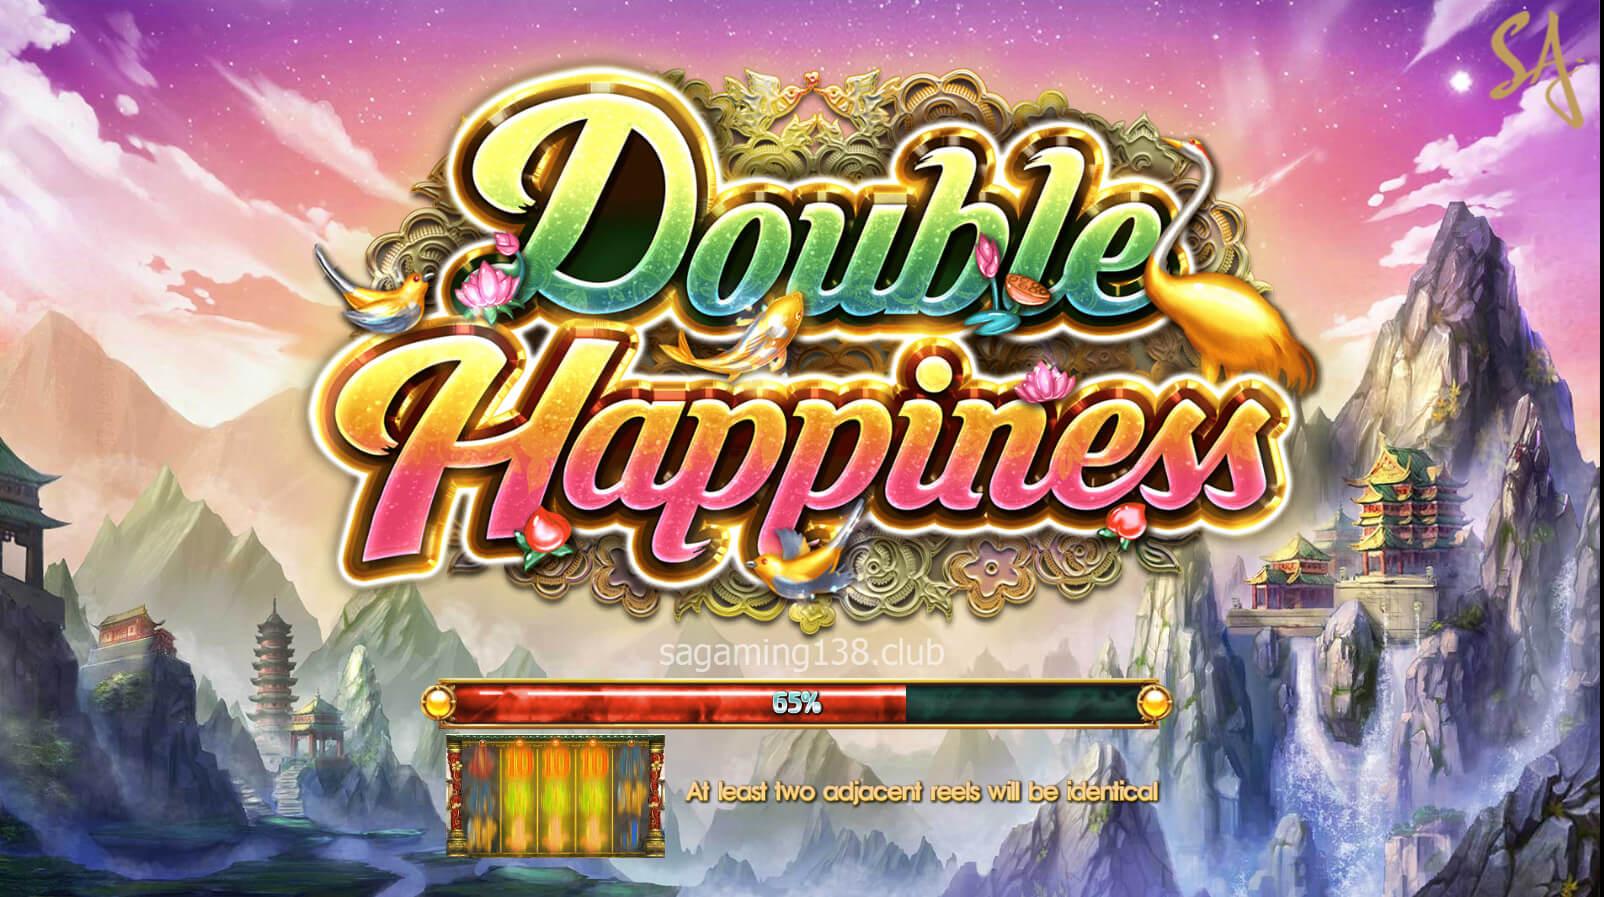 เกมสล็อตออนไลน์ Double Happiness 9 SA Gaming คาสิโนออนไลน์ที่ดีที่สุด